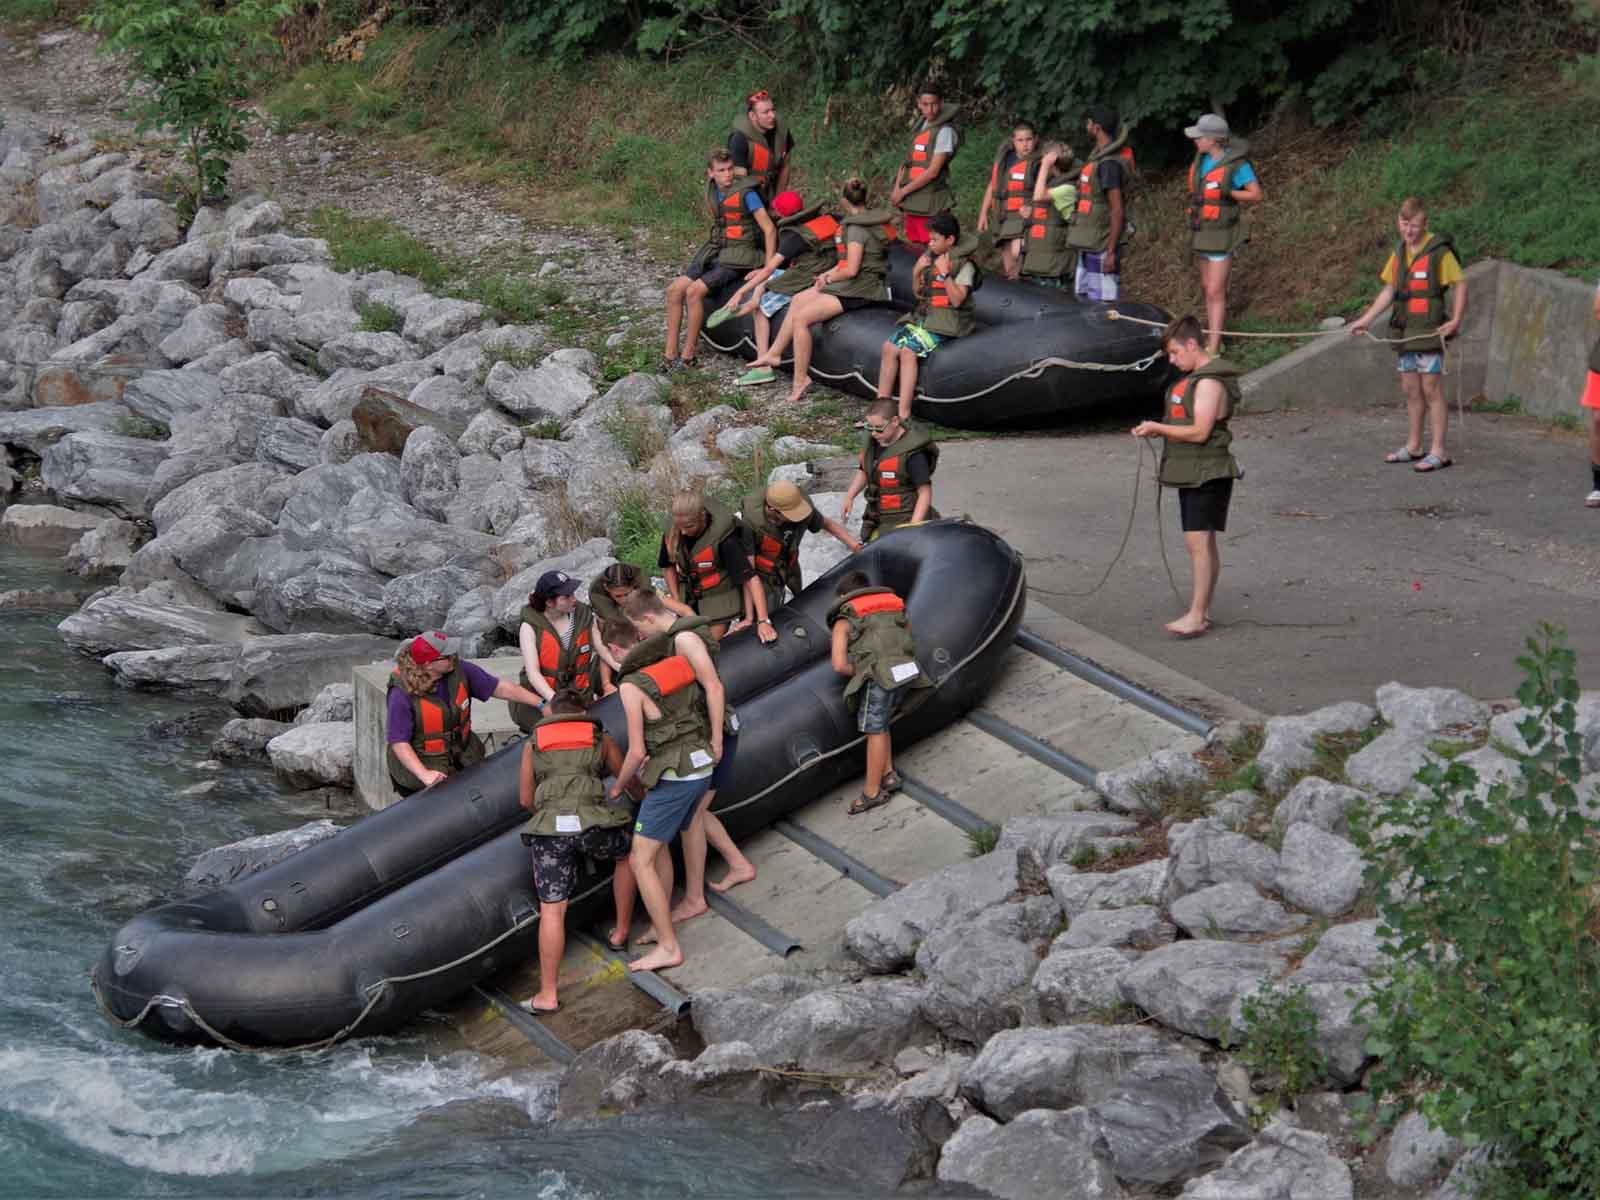 Aare-Talfahrt nach Bern: Ab ins kühle Nass mit den Schlauchbooten.